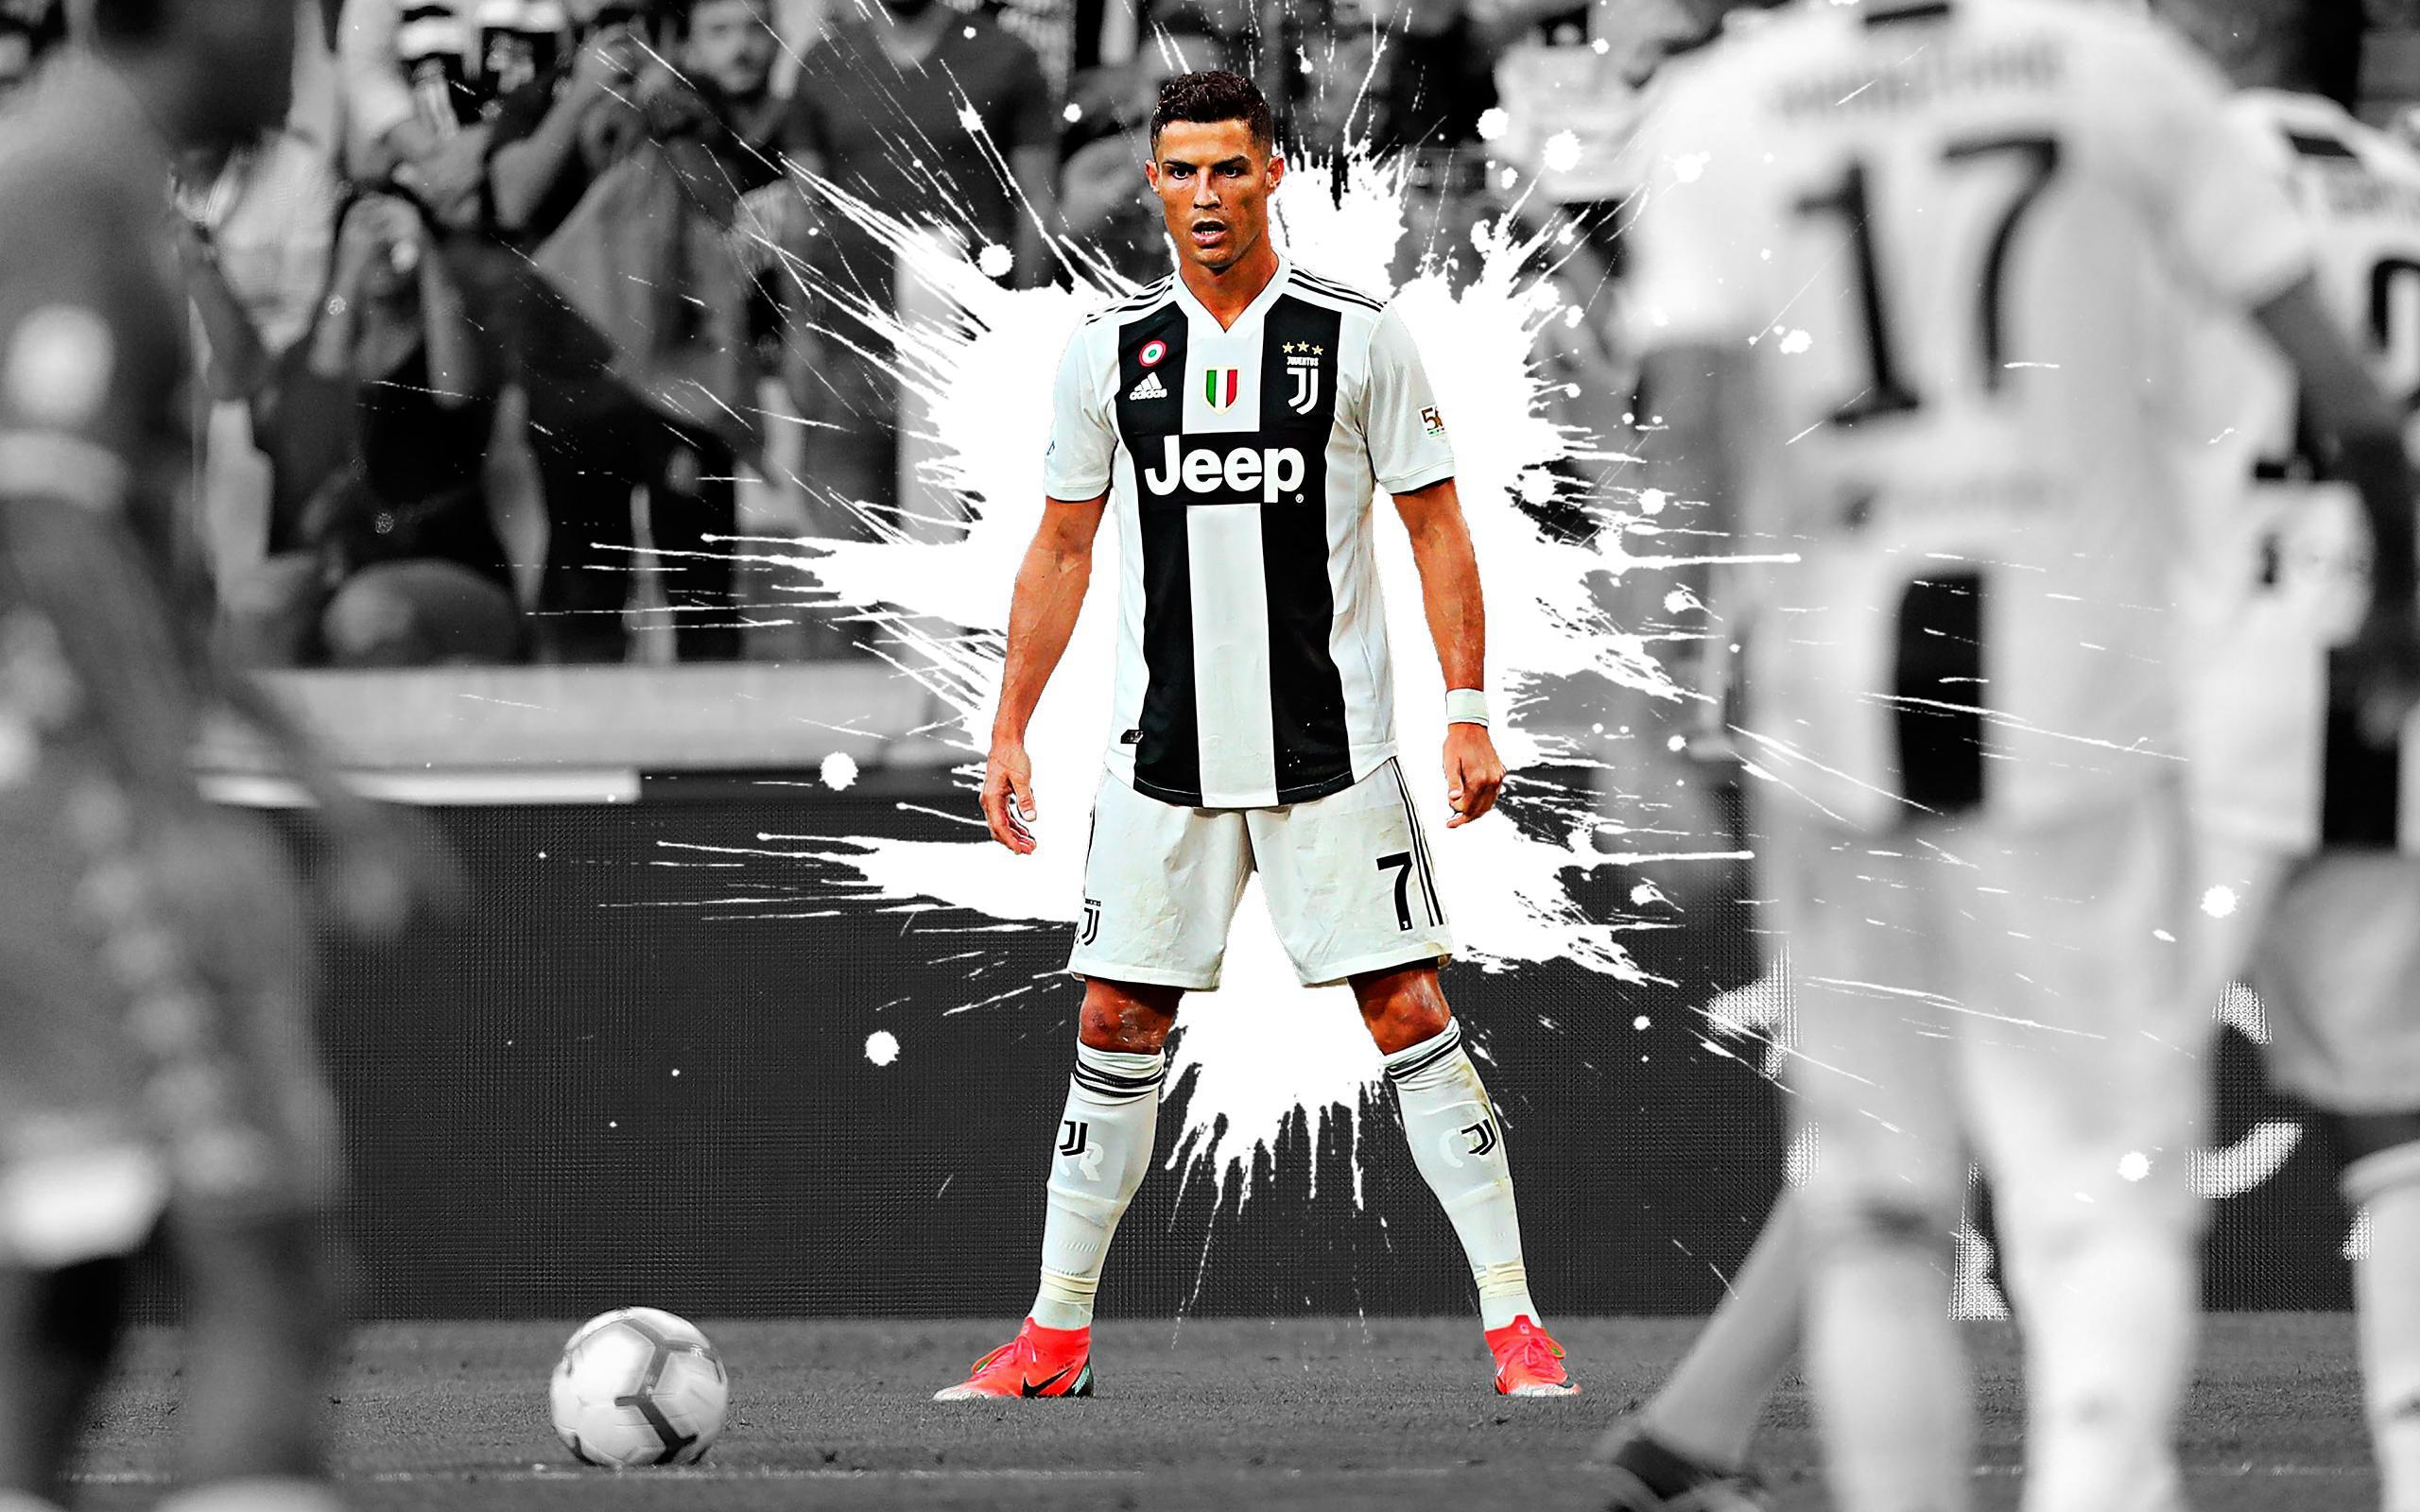 Juventus Ronaldo Wallpapers Wallpaper Cave